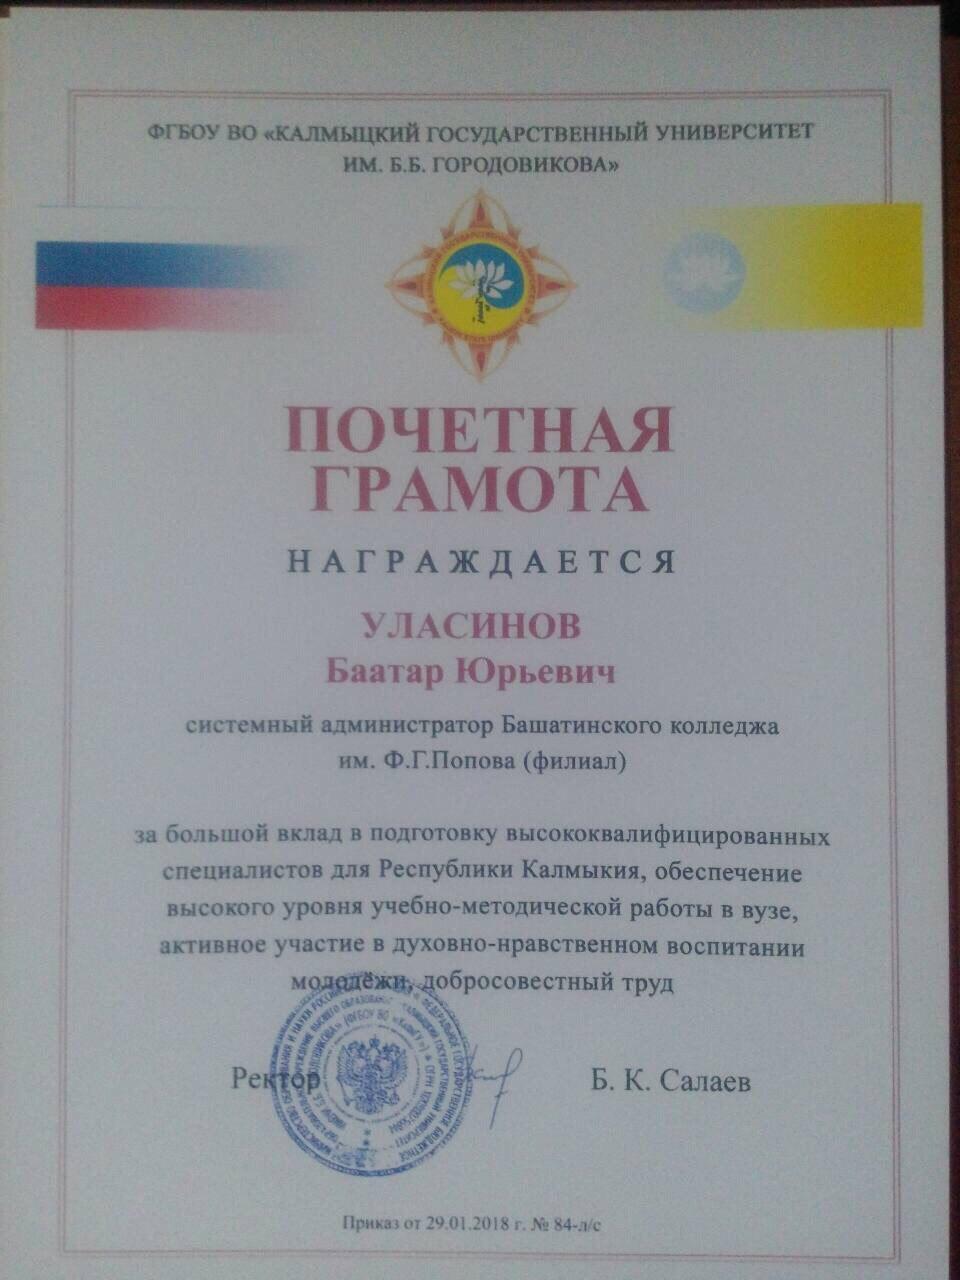 Награждение  на торжественном собрании, посвященное Дню науки в КалмГУ